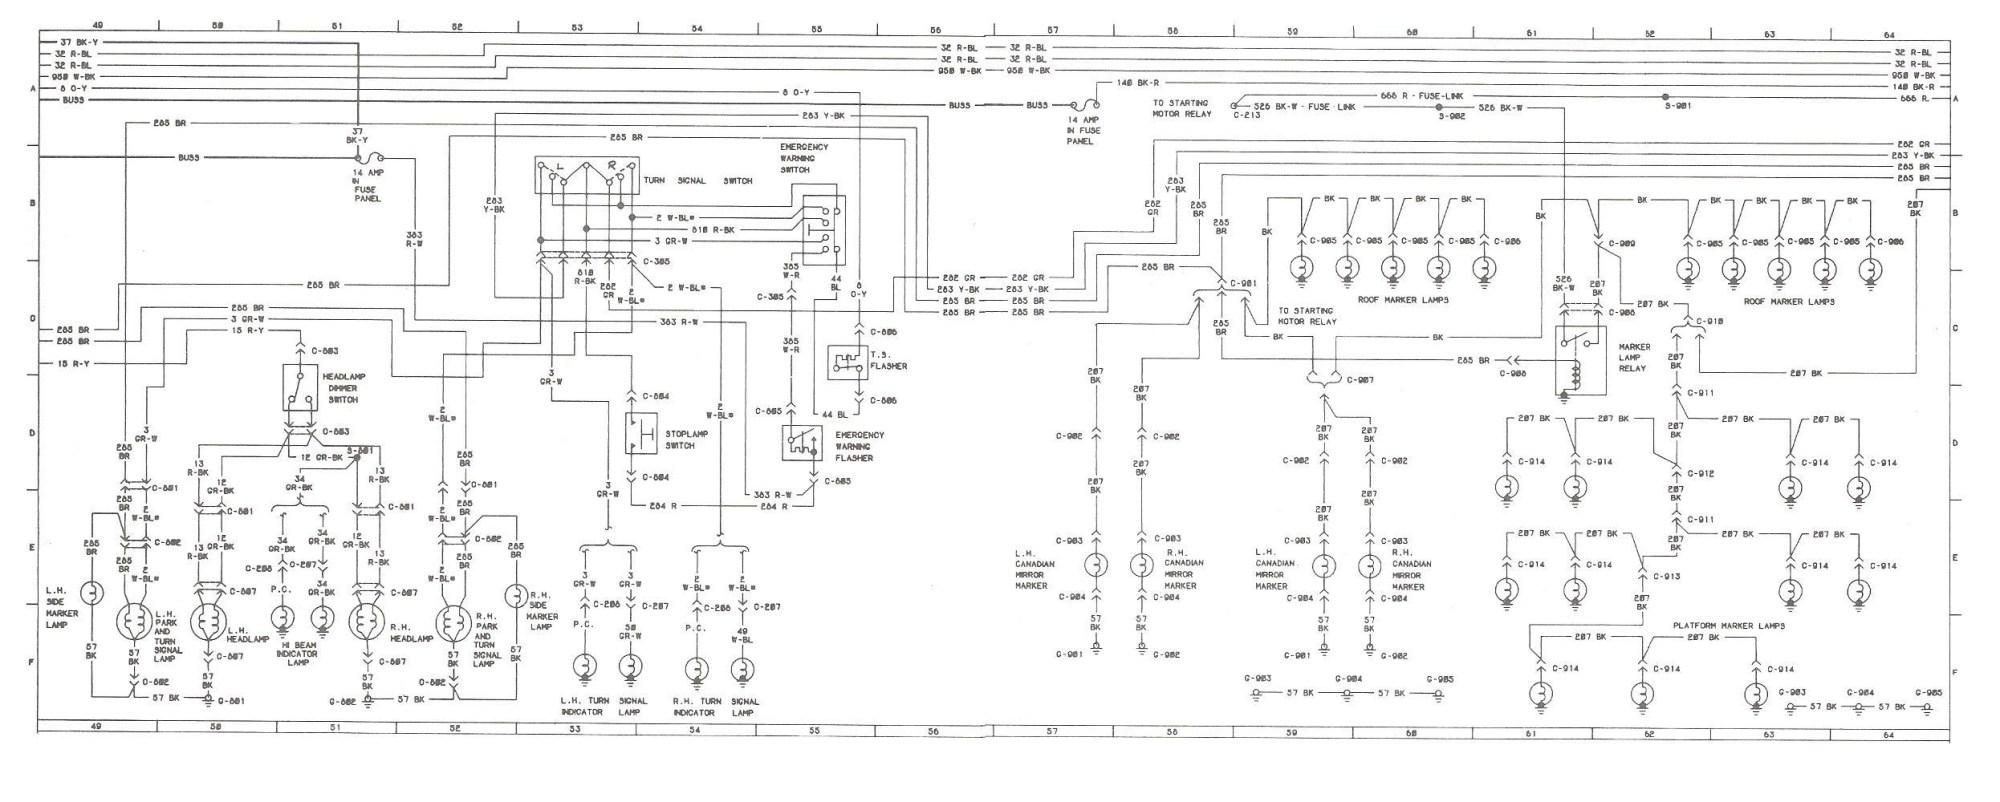 hight resolution of gm steering column wiring schematic 73 ford f 250 wiring diagram wire center u2022 rh